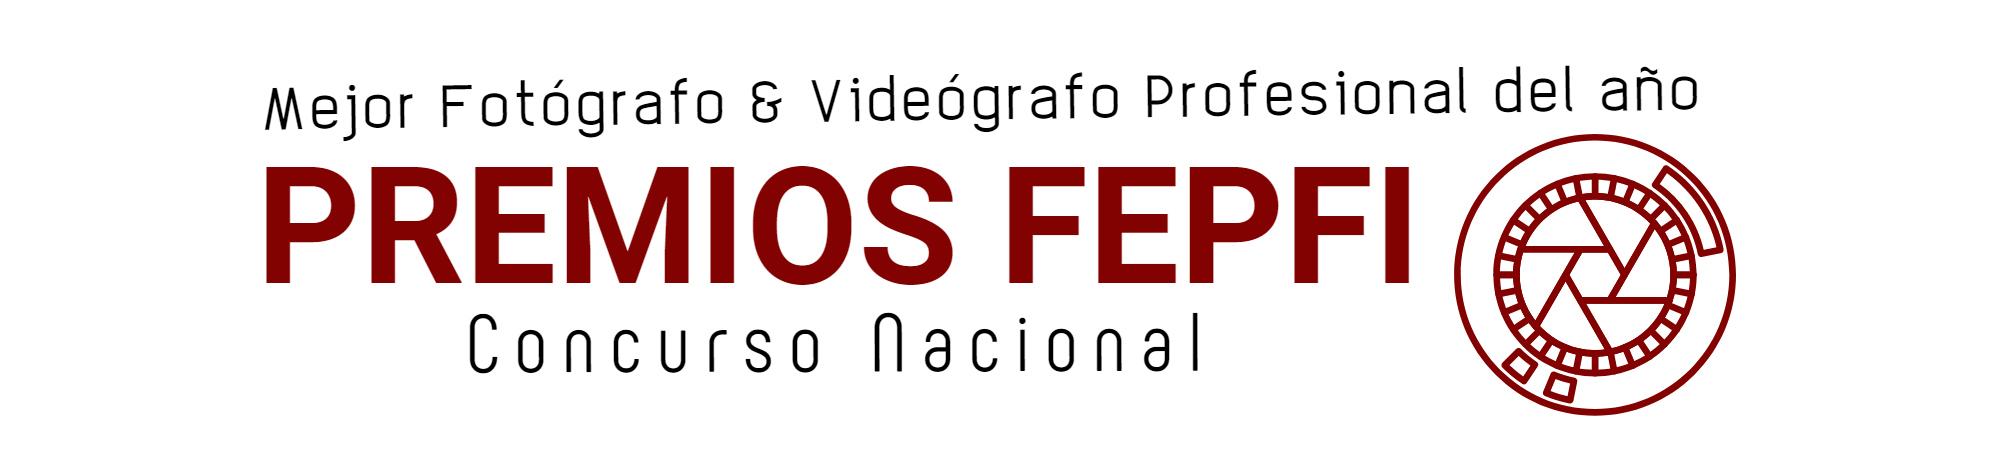 Concurso Nacional de Fotografía y Video Profesional